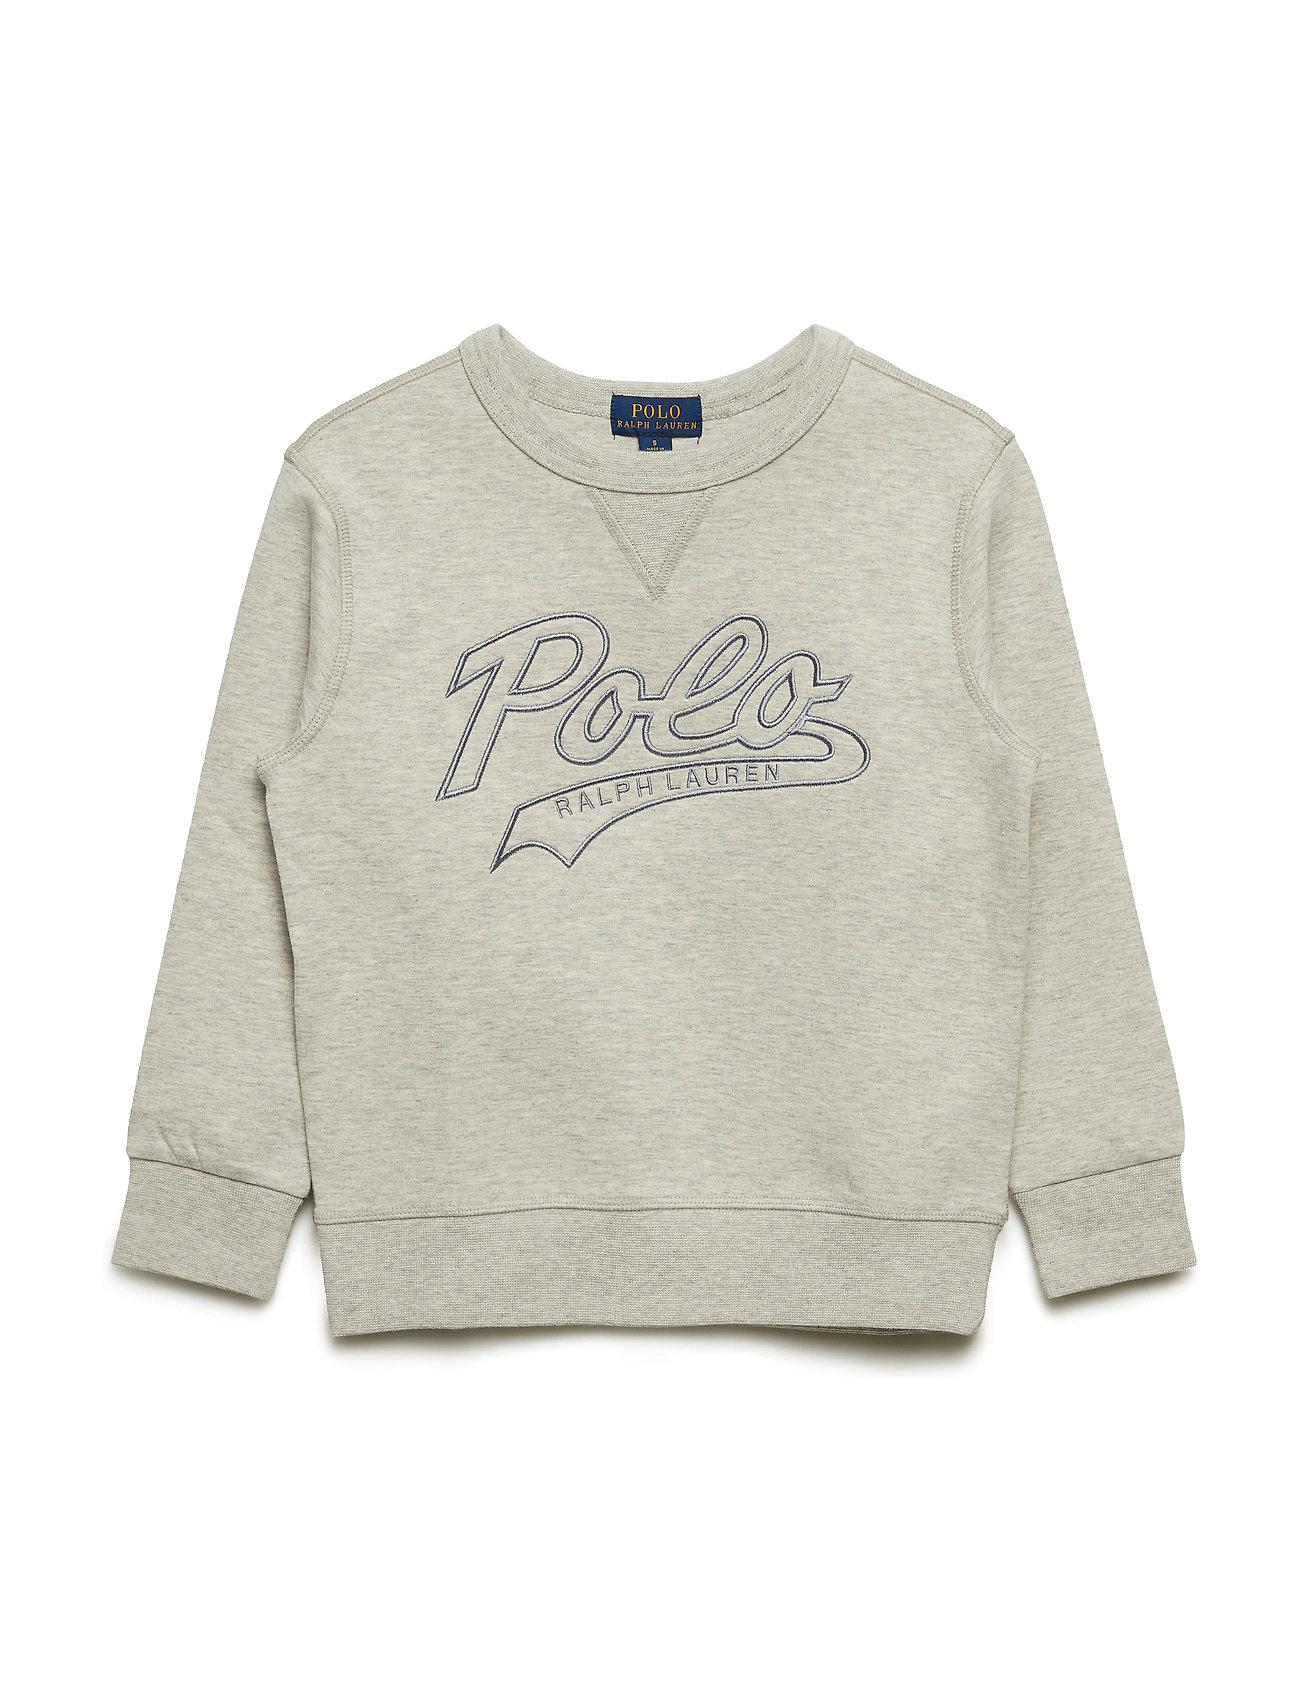 Ralph Lauren Kids Cotton-Blend Sweatshirt - LIGHT SPORT HEATH